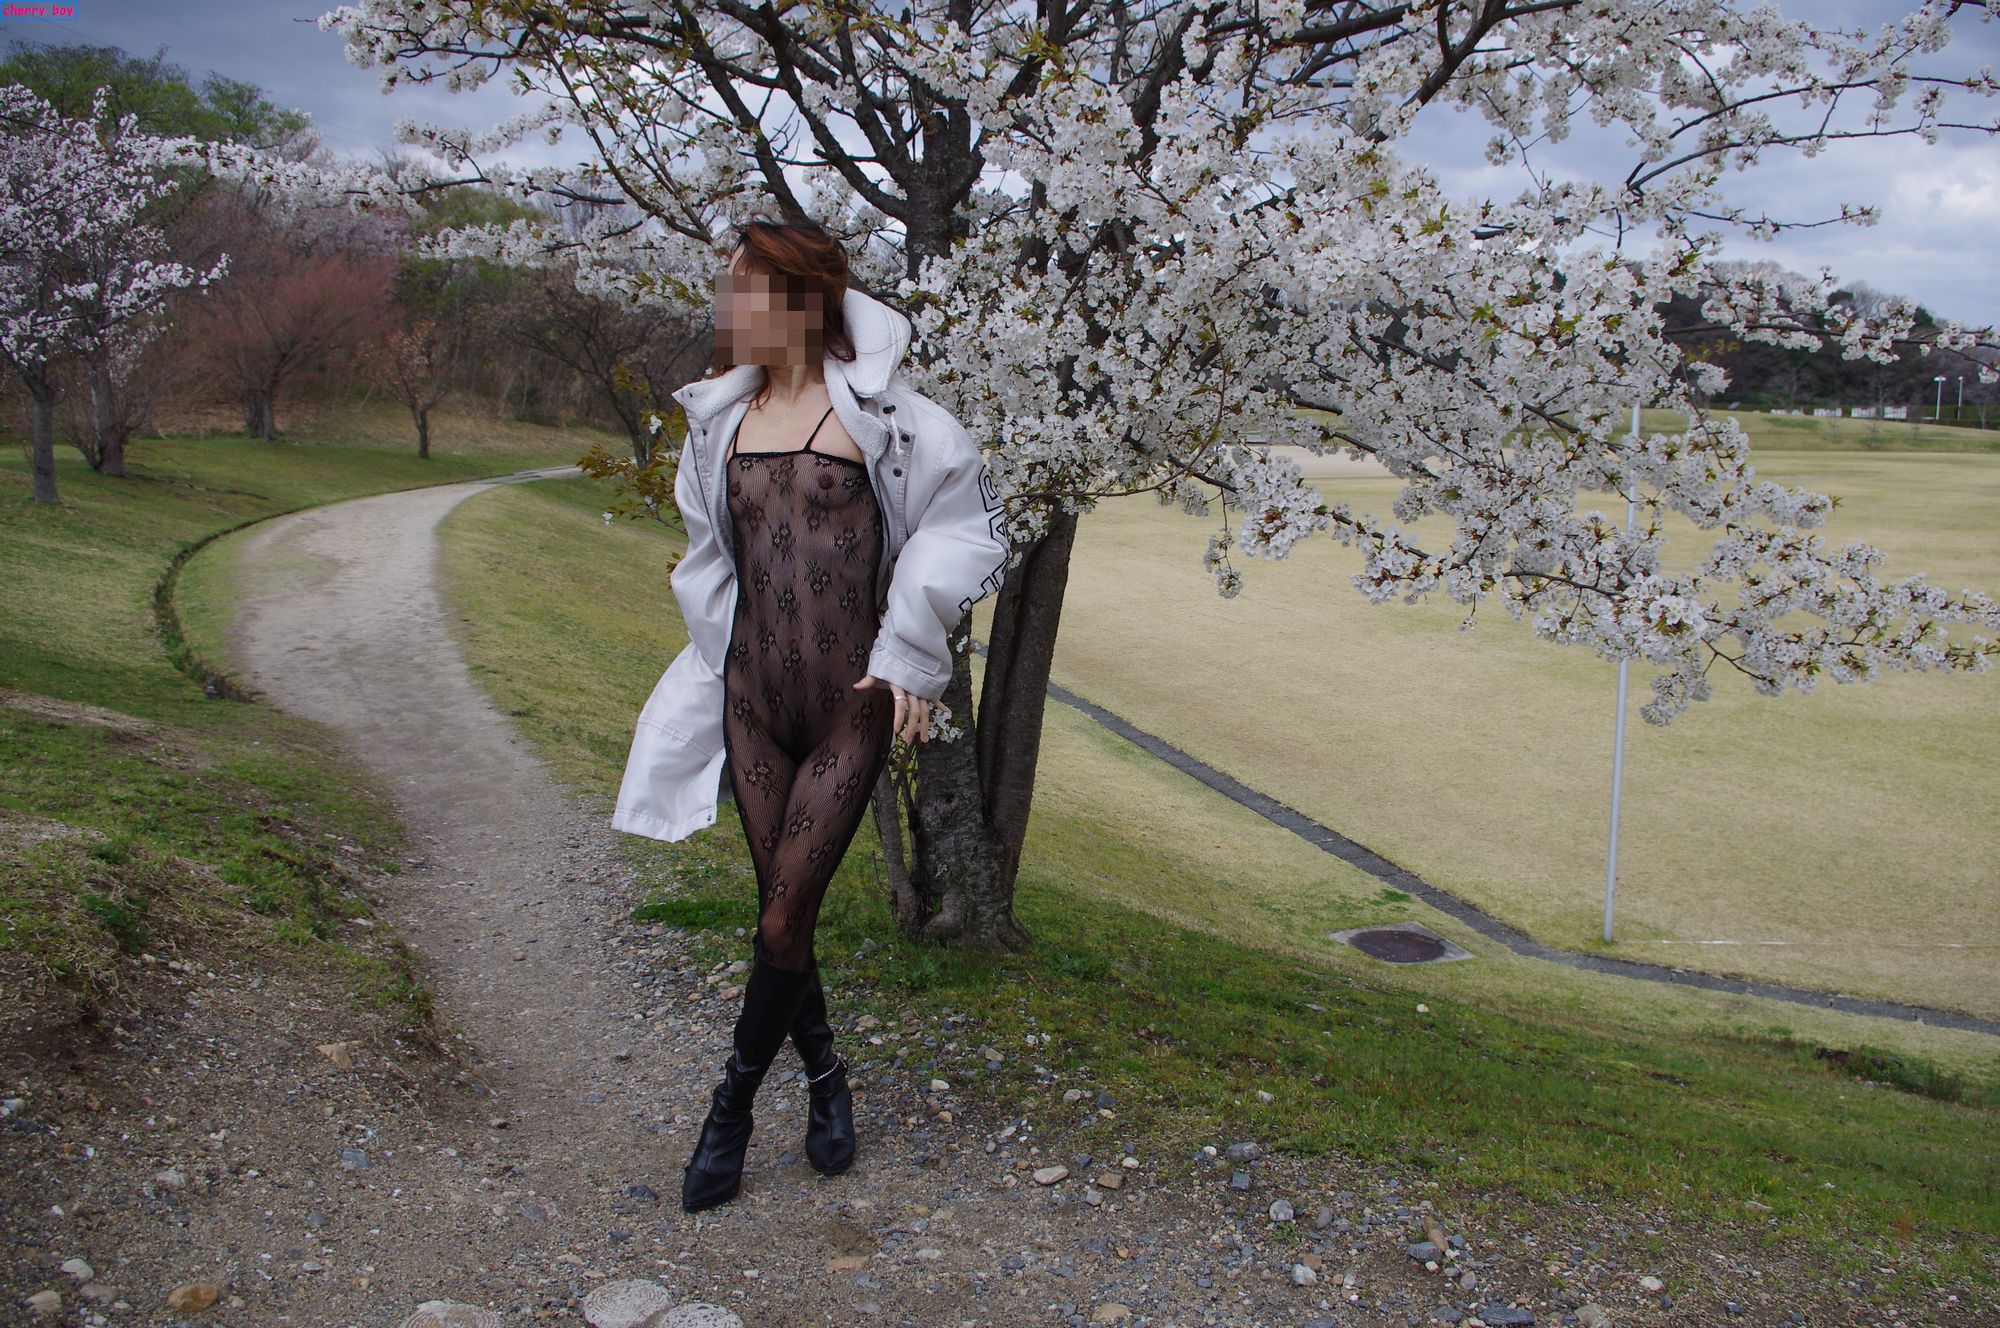 花見でパンスト全裸露出をする美人OLの調教画像11枚目